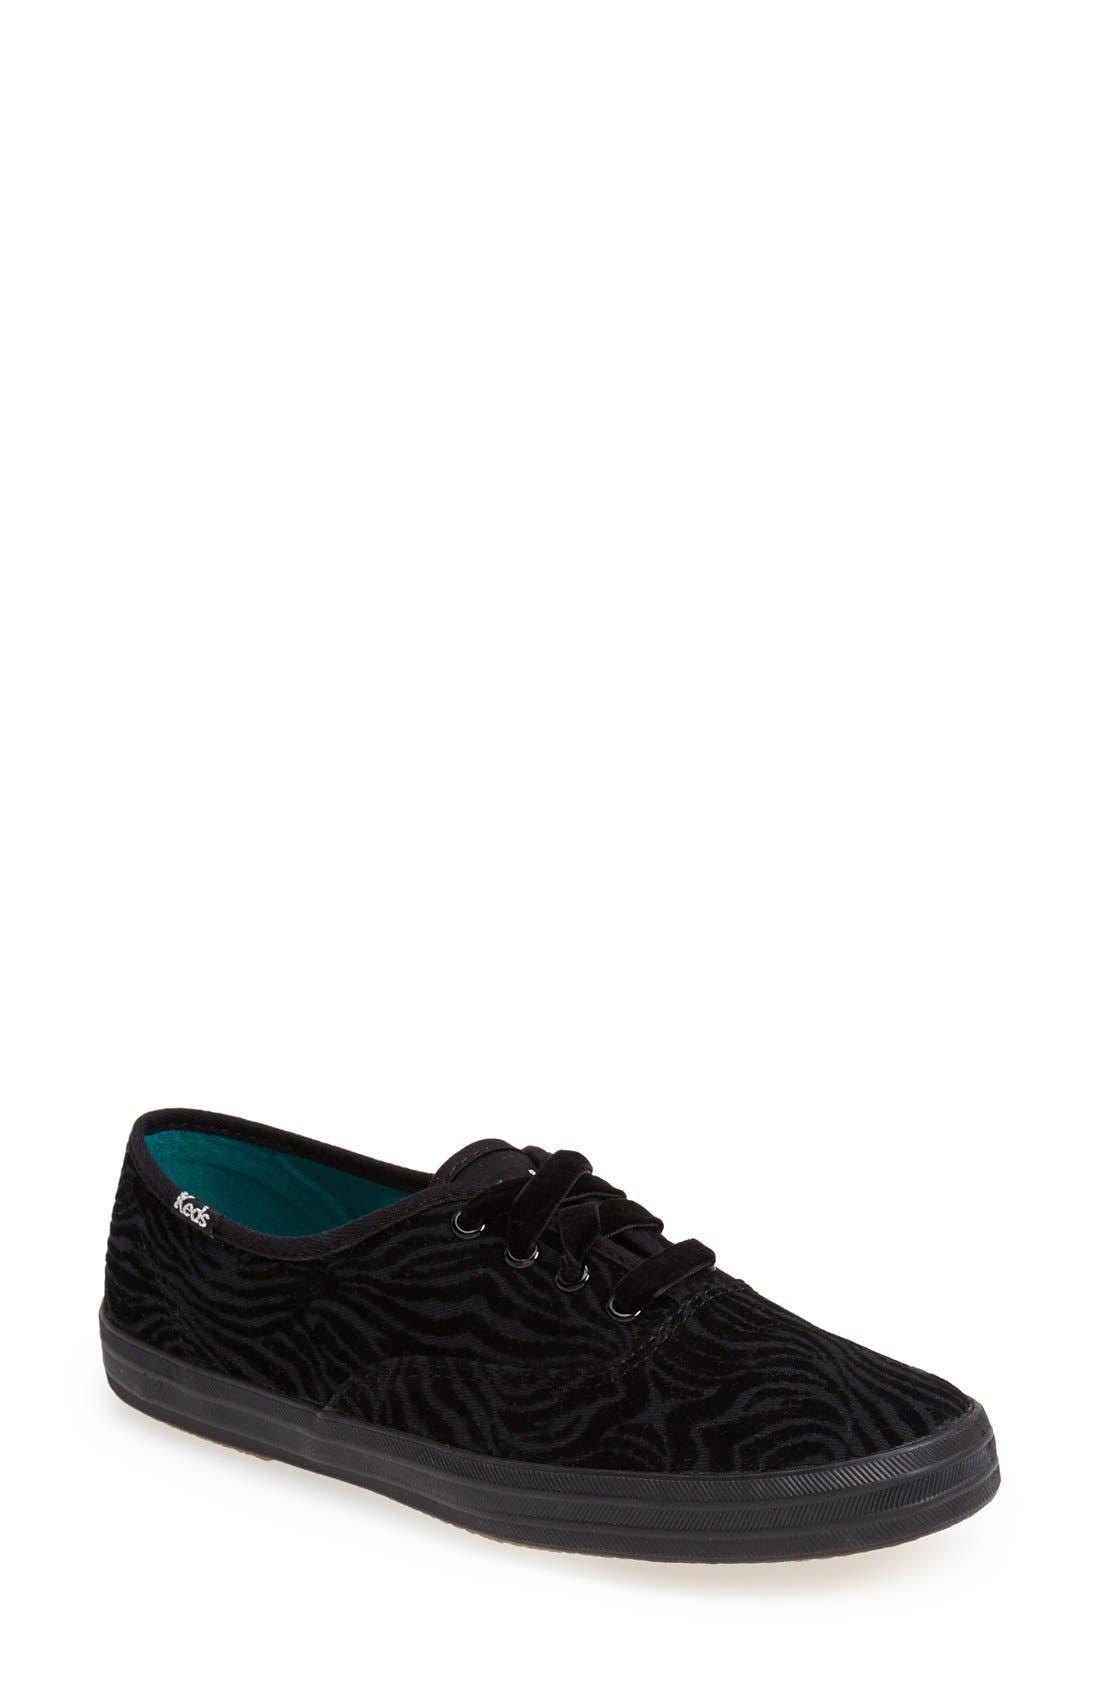 Alternate Image 1 Selected - Keds® 'Champion - Zebra Stripe' Sneaker (Women)